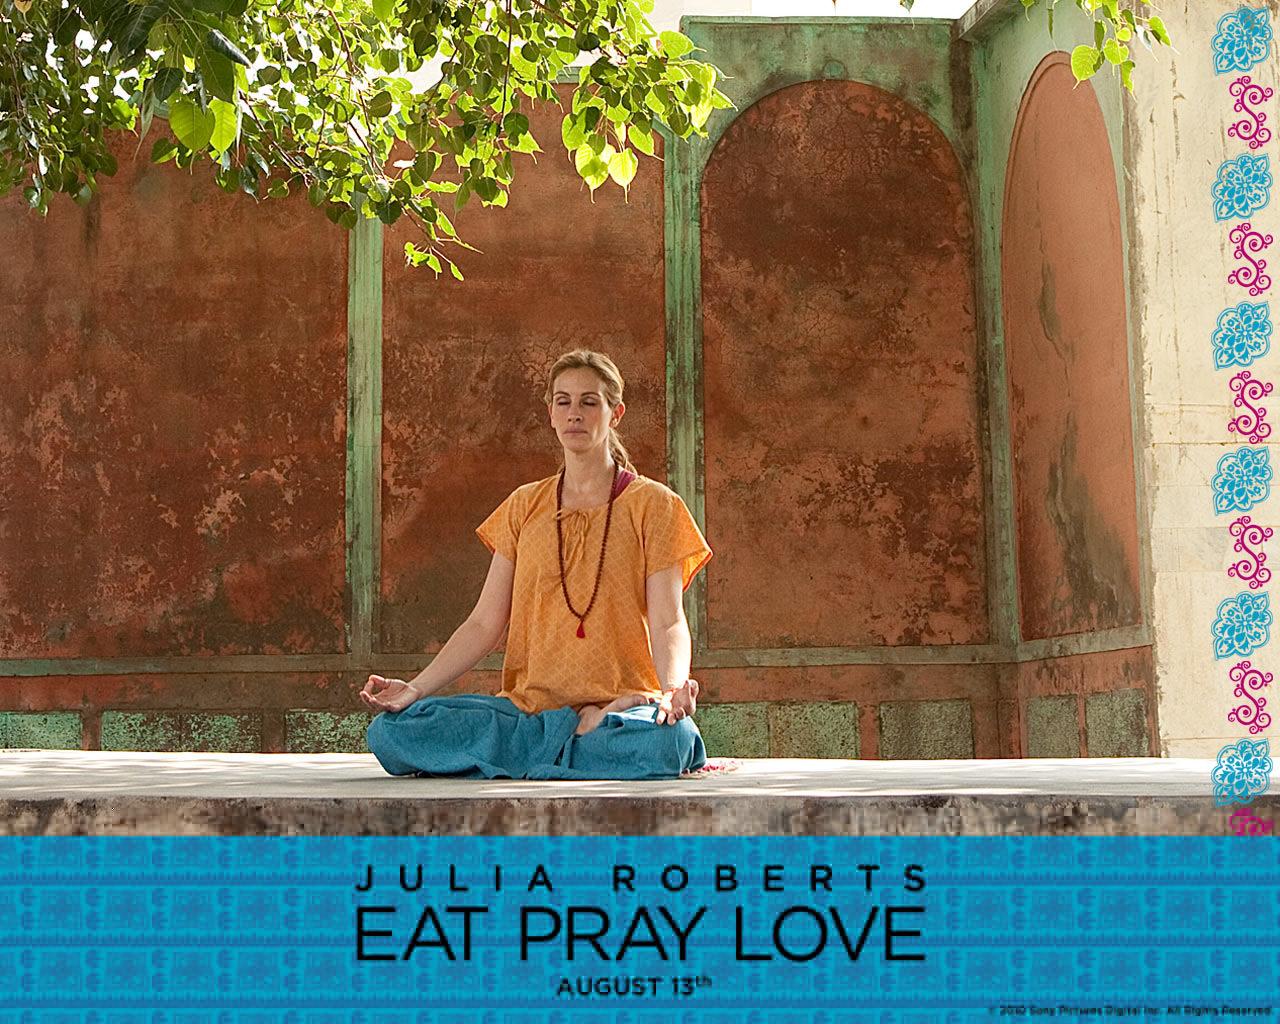 http://4.bp.blogspot.com/-IjlwBkJ-PdA/TdQAxnMV0yI/AAAAAAAAAC0/-u_CVbH-L7o/s1600/eat_pray_love_4.jpg